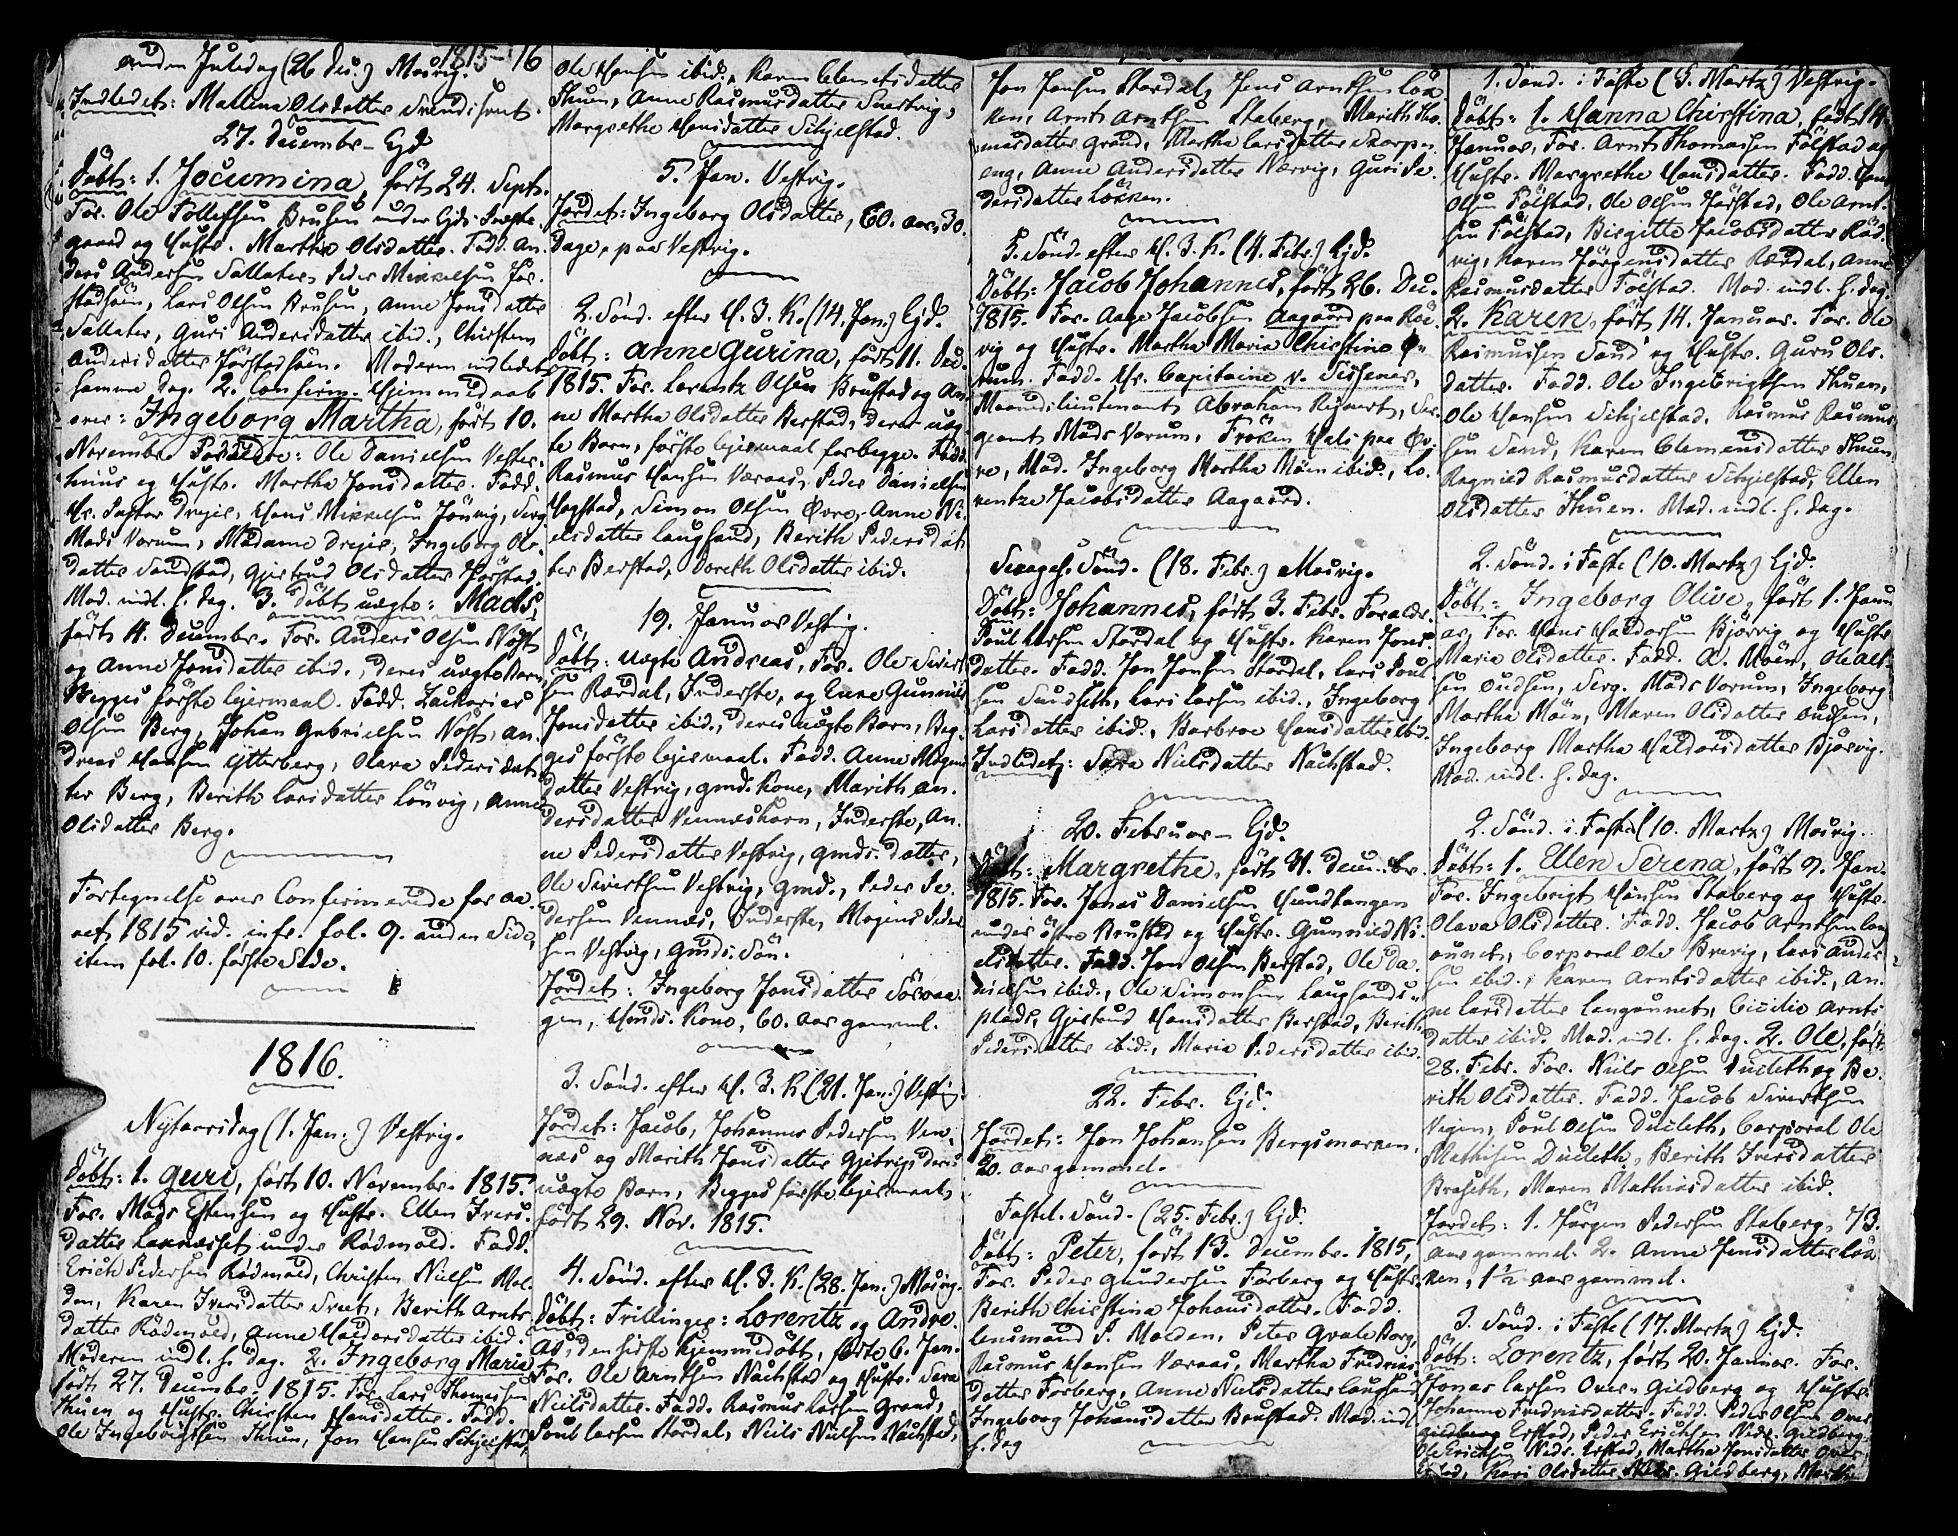 SAT, Ministerialprotokoller, klokkerbøker og fødselsregistre - Nord-Trøndelag, 722/L0216: Ministerialbok nr. 722A03, 1756-1816